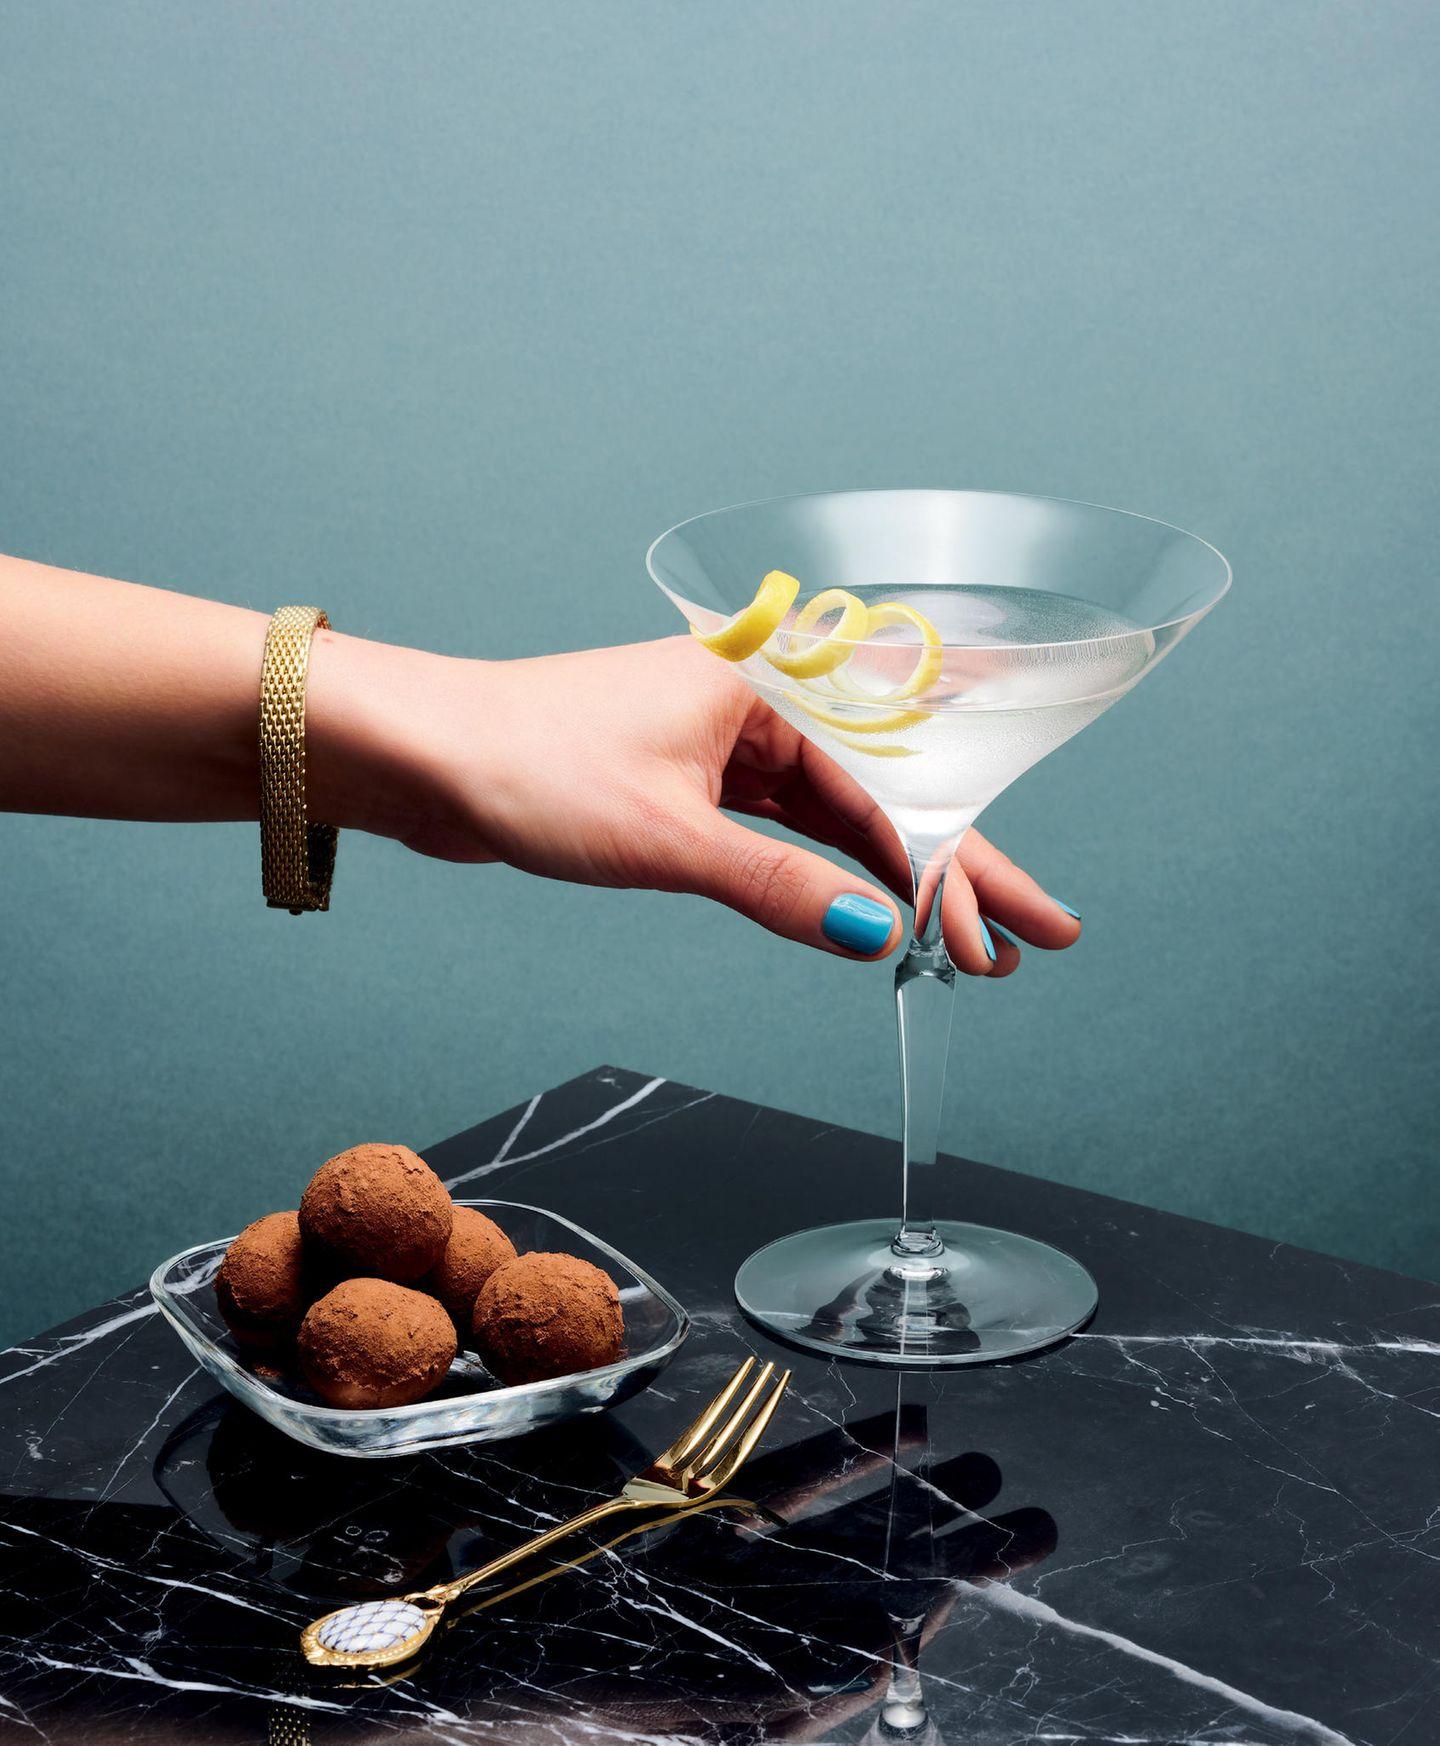 Vesper  für 1 Cocktail:  3 cl Gin, eisgekühlt  2 cl Wodka, eisgekühlt  1 cl Vermouth Dry oder Lillet  Eis  Zitronenschale  1. Den Gin mit Wodka, Vermouth Dry oder Lillet und dem Eis in einem Shaker kräftig schütteln.  2. In ein eisgekühltes Martiniglas abseihen und mit der Zitronenschale garnieren.  Safran-Orangen-Marzipan-Bällchen  für ca. 25 Kugeln:  180 g Puderzucker  200 g Mandelgrieß  0,2 g Safran  1 Vanilleschote  1 Orange (Abrieb und Saft)  10 EL dunkler Backkakao  1. Den Puderzucker in eine Schale sieben.  2. Mandelgrieß, Safran, Mark der Vanilleschote, Abrieb und 4 EL Saft der Orange dazugeben und alles gut verkneten.  3. Den Kakao auf einen Teller streuen.  4. Nun aus dem Teig die Kugeln formen und durch den Kakao rollen.  5. Fertige Kugeln in einer luftdichten Box aufbewahren.  Gut zu wissen: Die Kugeln halten luftdicht verpackt 2–3 Wochen.  Zubereitungszeit: 25 Minuten